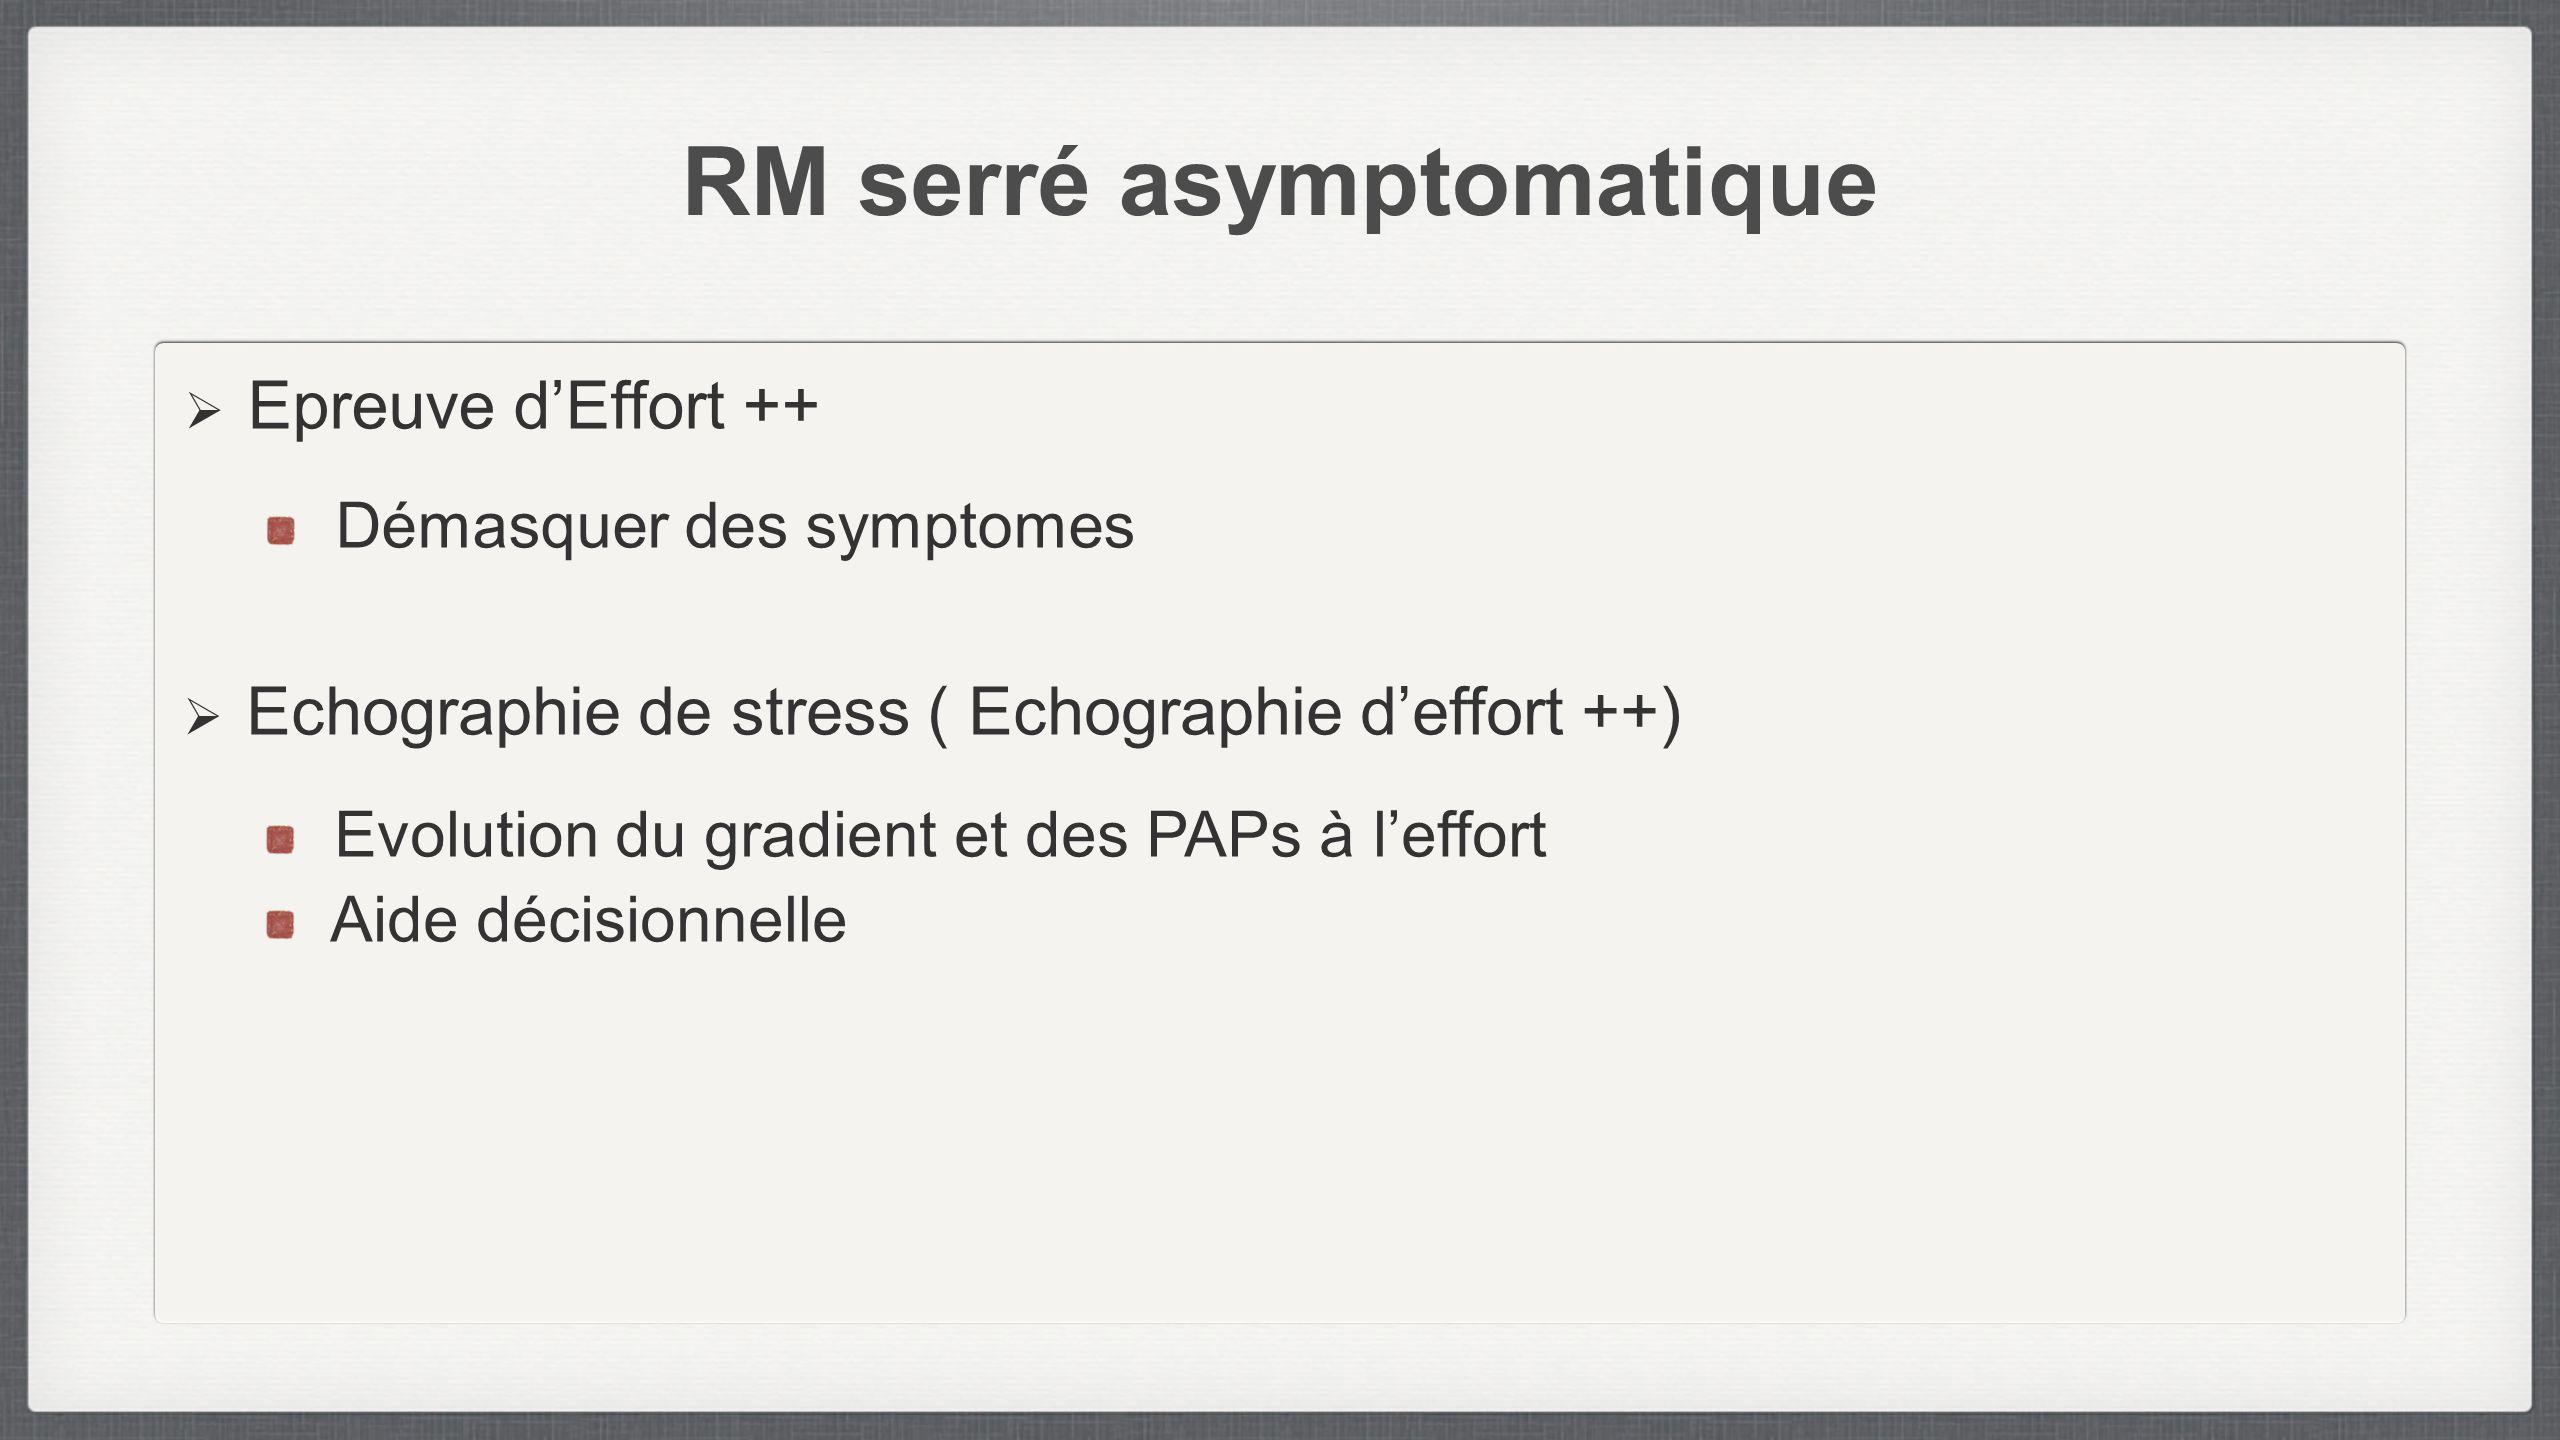 RM serré asymptomatique Epreuve dEffort ++ Démasquer des symptomes Echographie de stress ( Echographie deffort ++) Evolution du gradient et des PAPs à